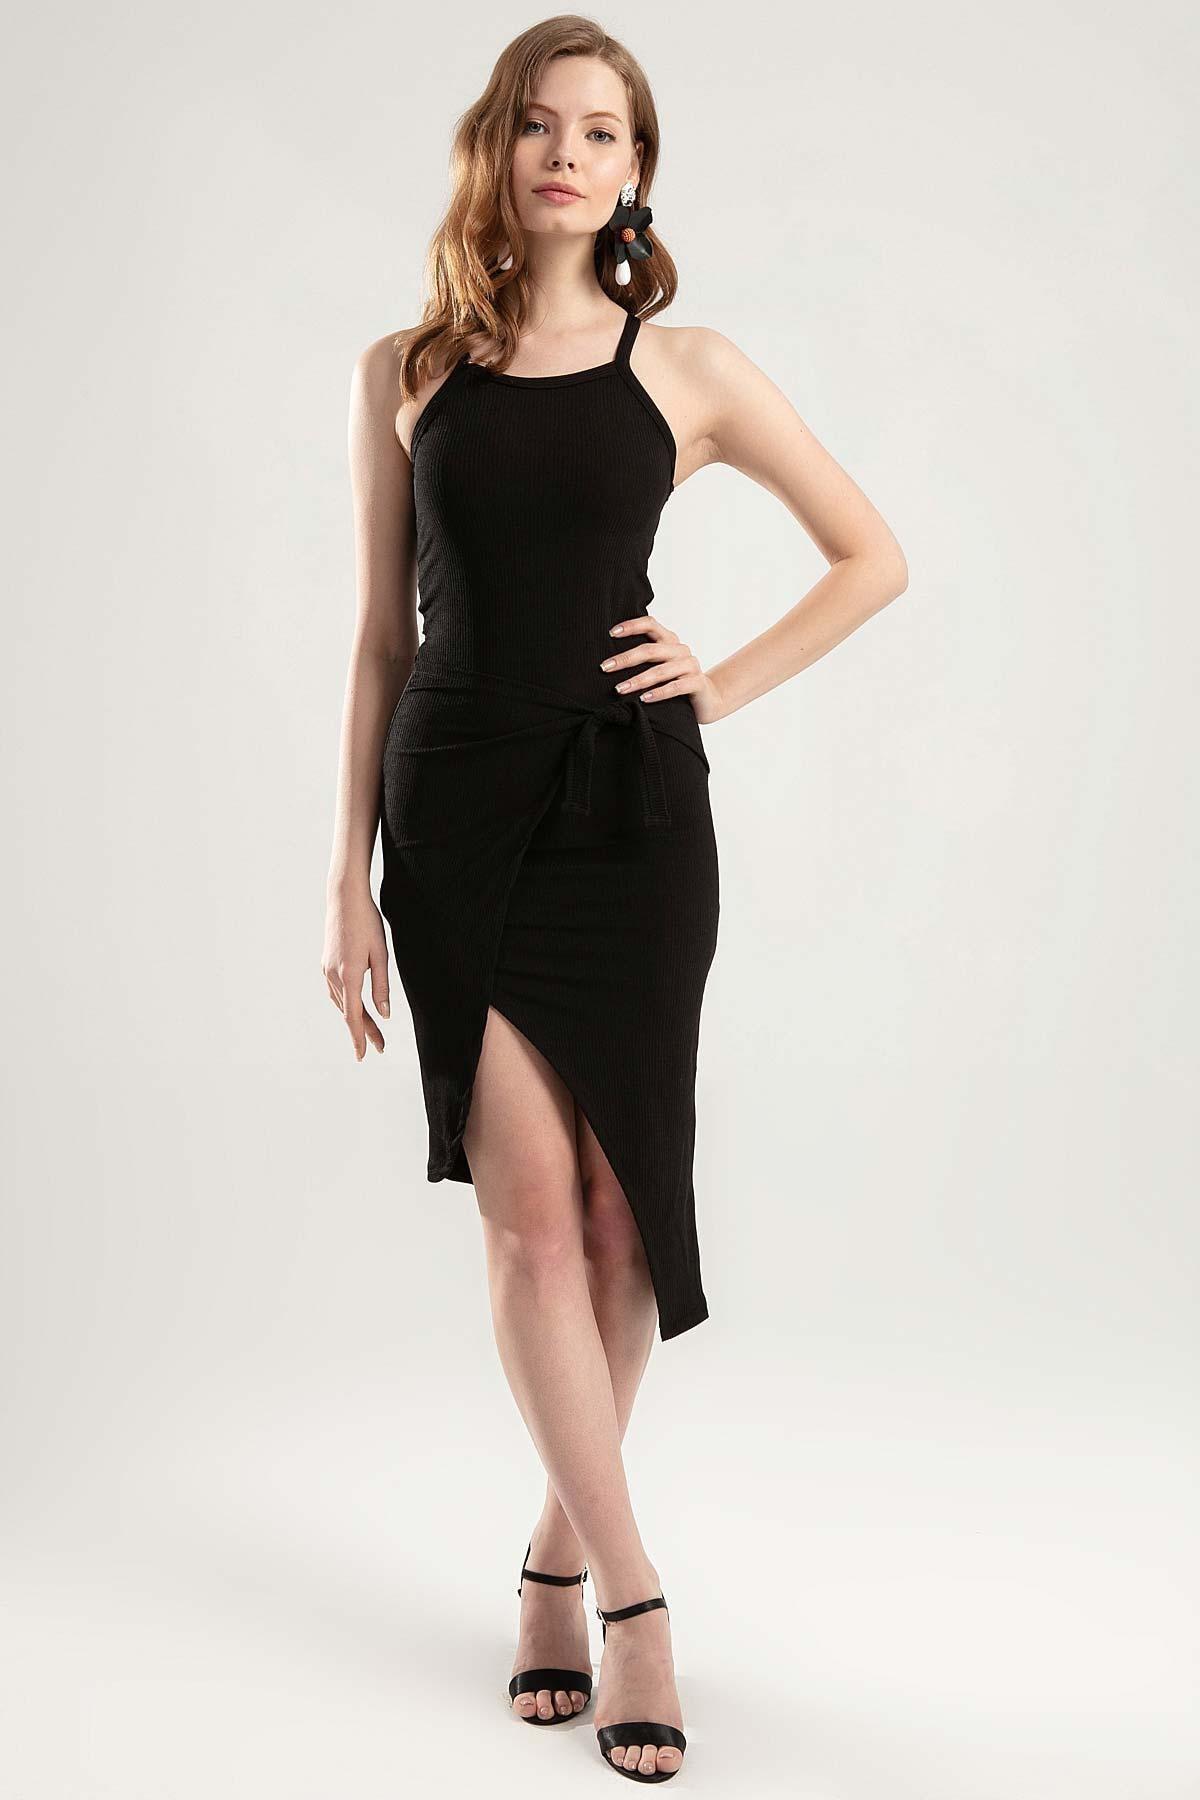 Y-London Kadın Siyah Askılı Çapraz Bağlamalı Elbise Y20S134-0067